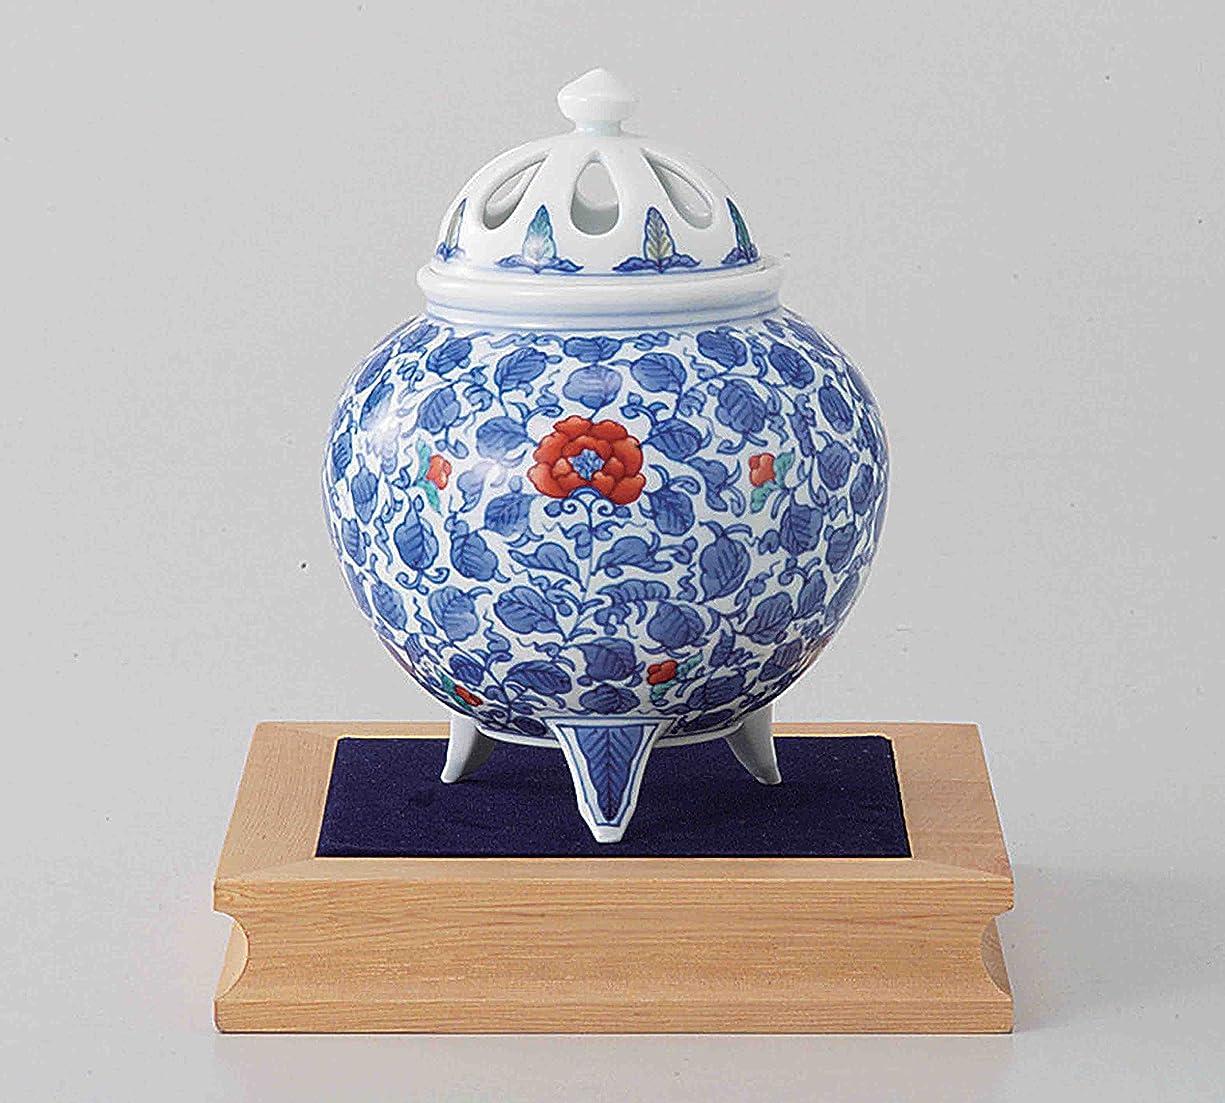 ミリメートルページデッキ東京抹茶Selection?–?[プレミアム] Arita Porcelain Cencer : Arabesque?–?Incense BurnerホルダーWベース&ボックス日本から[ EMSで発送標準: withトラッキング&保険]